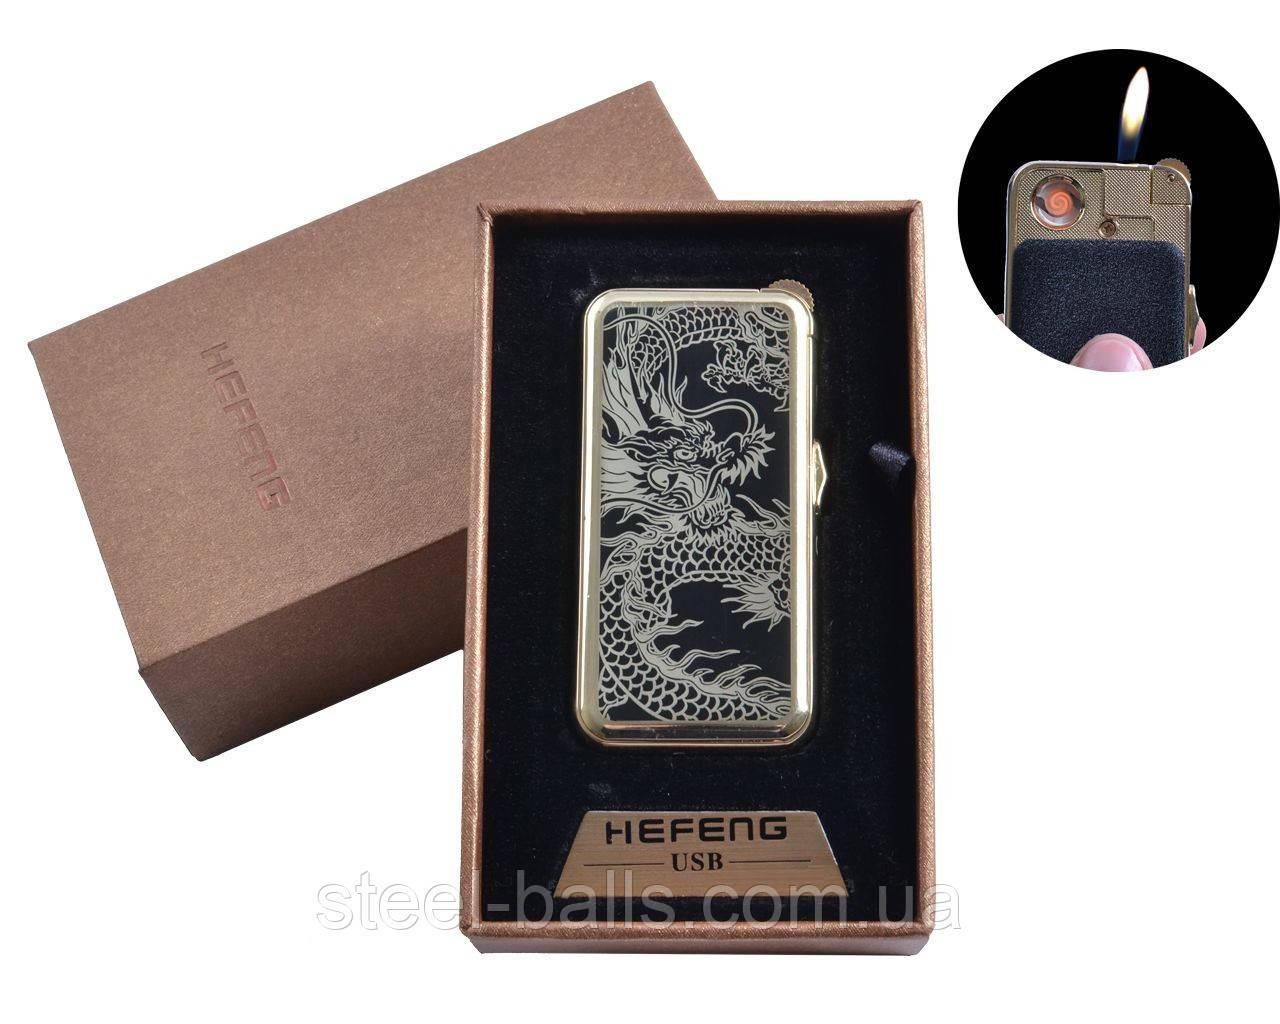 Зажигалка USB + газ  в подарочной упаковке